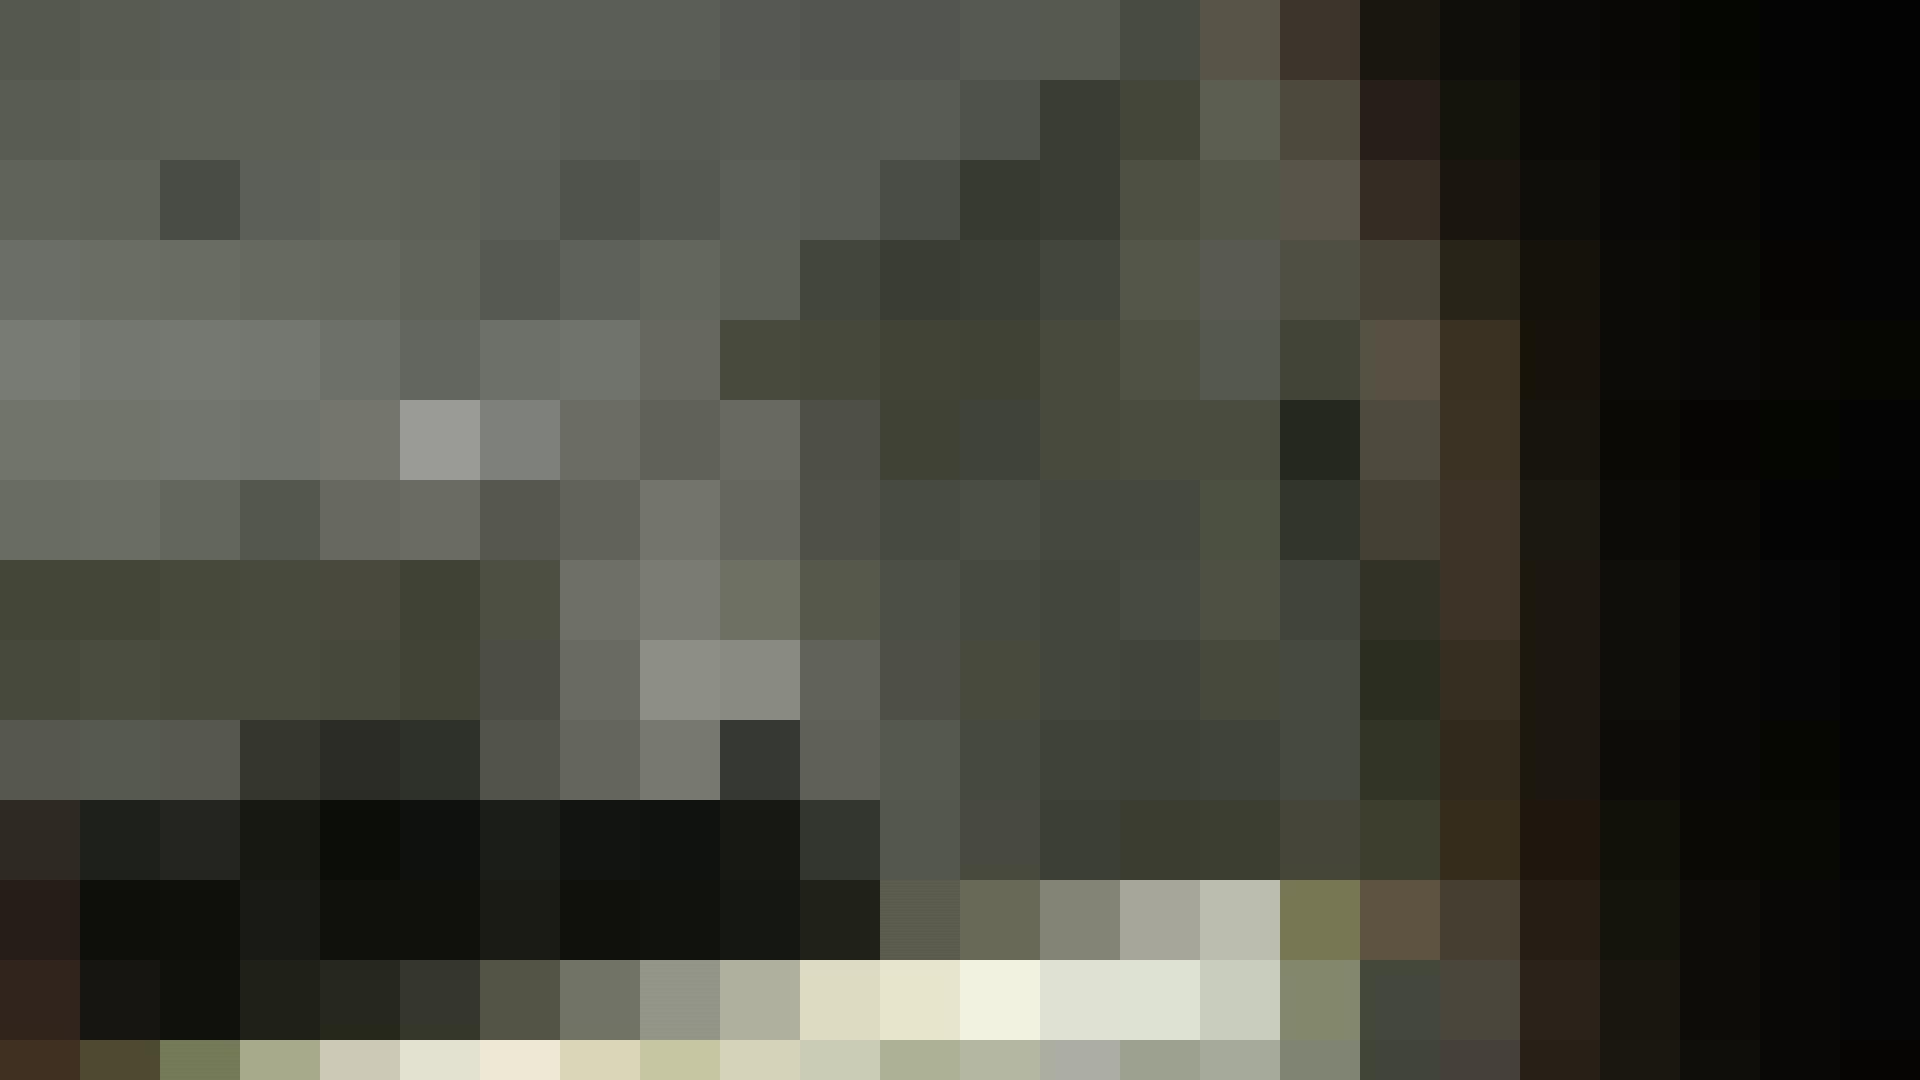 世界の射窓から ステーション編 vol.18 ゴン太 推定600g超過 エッチすぎるOL達 | 0  87連発 19